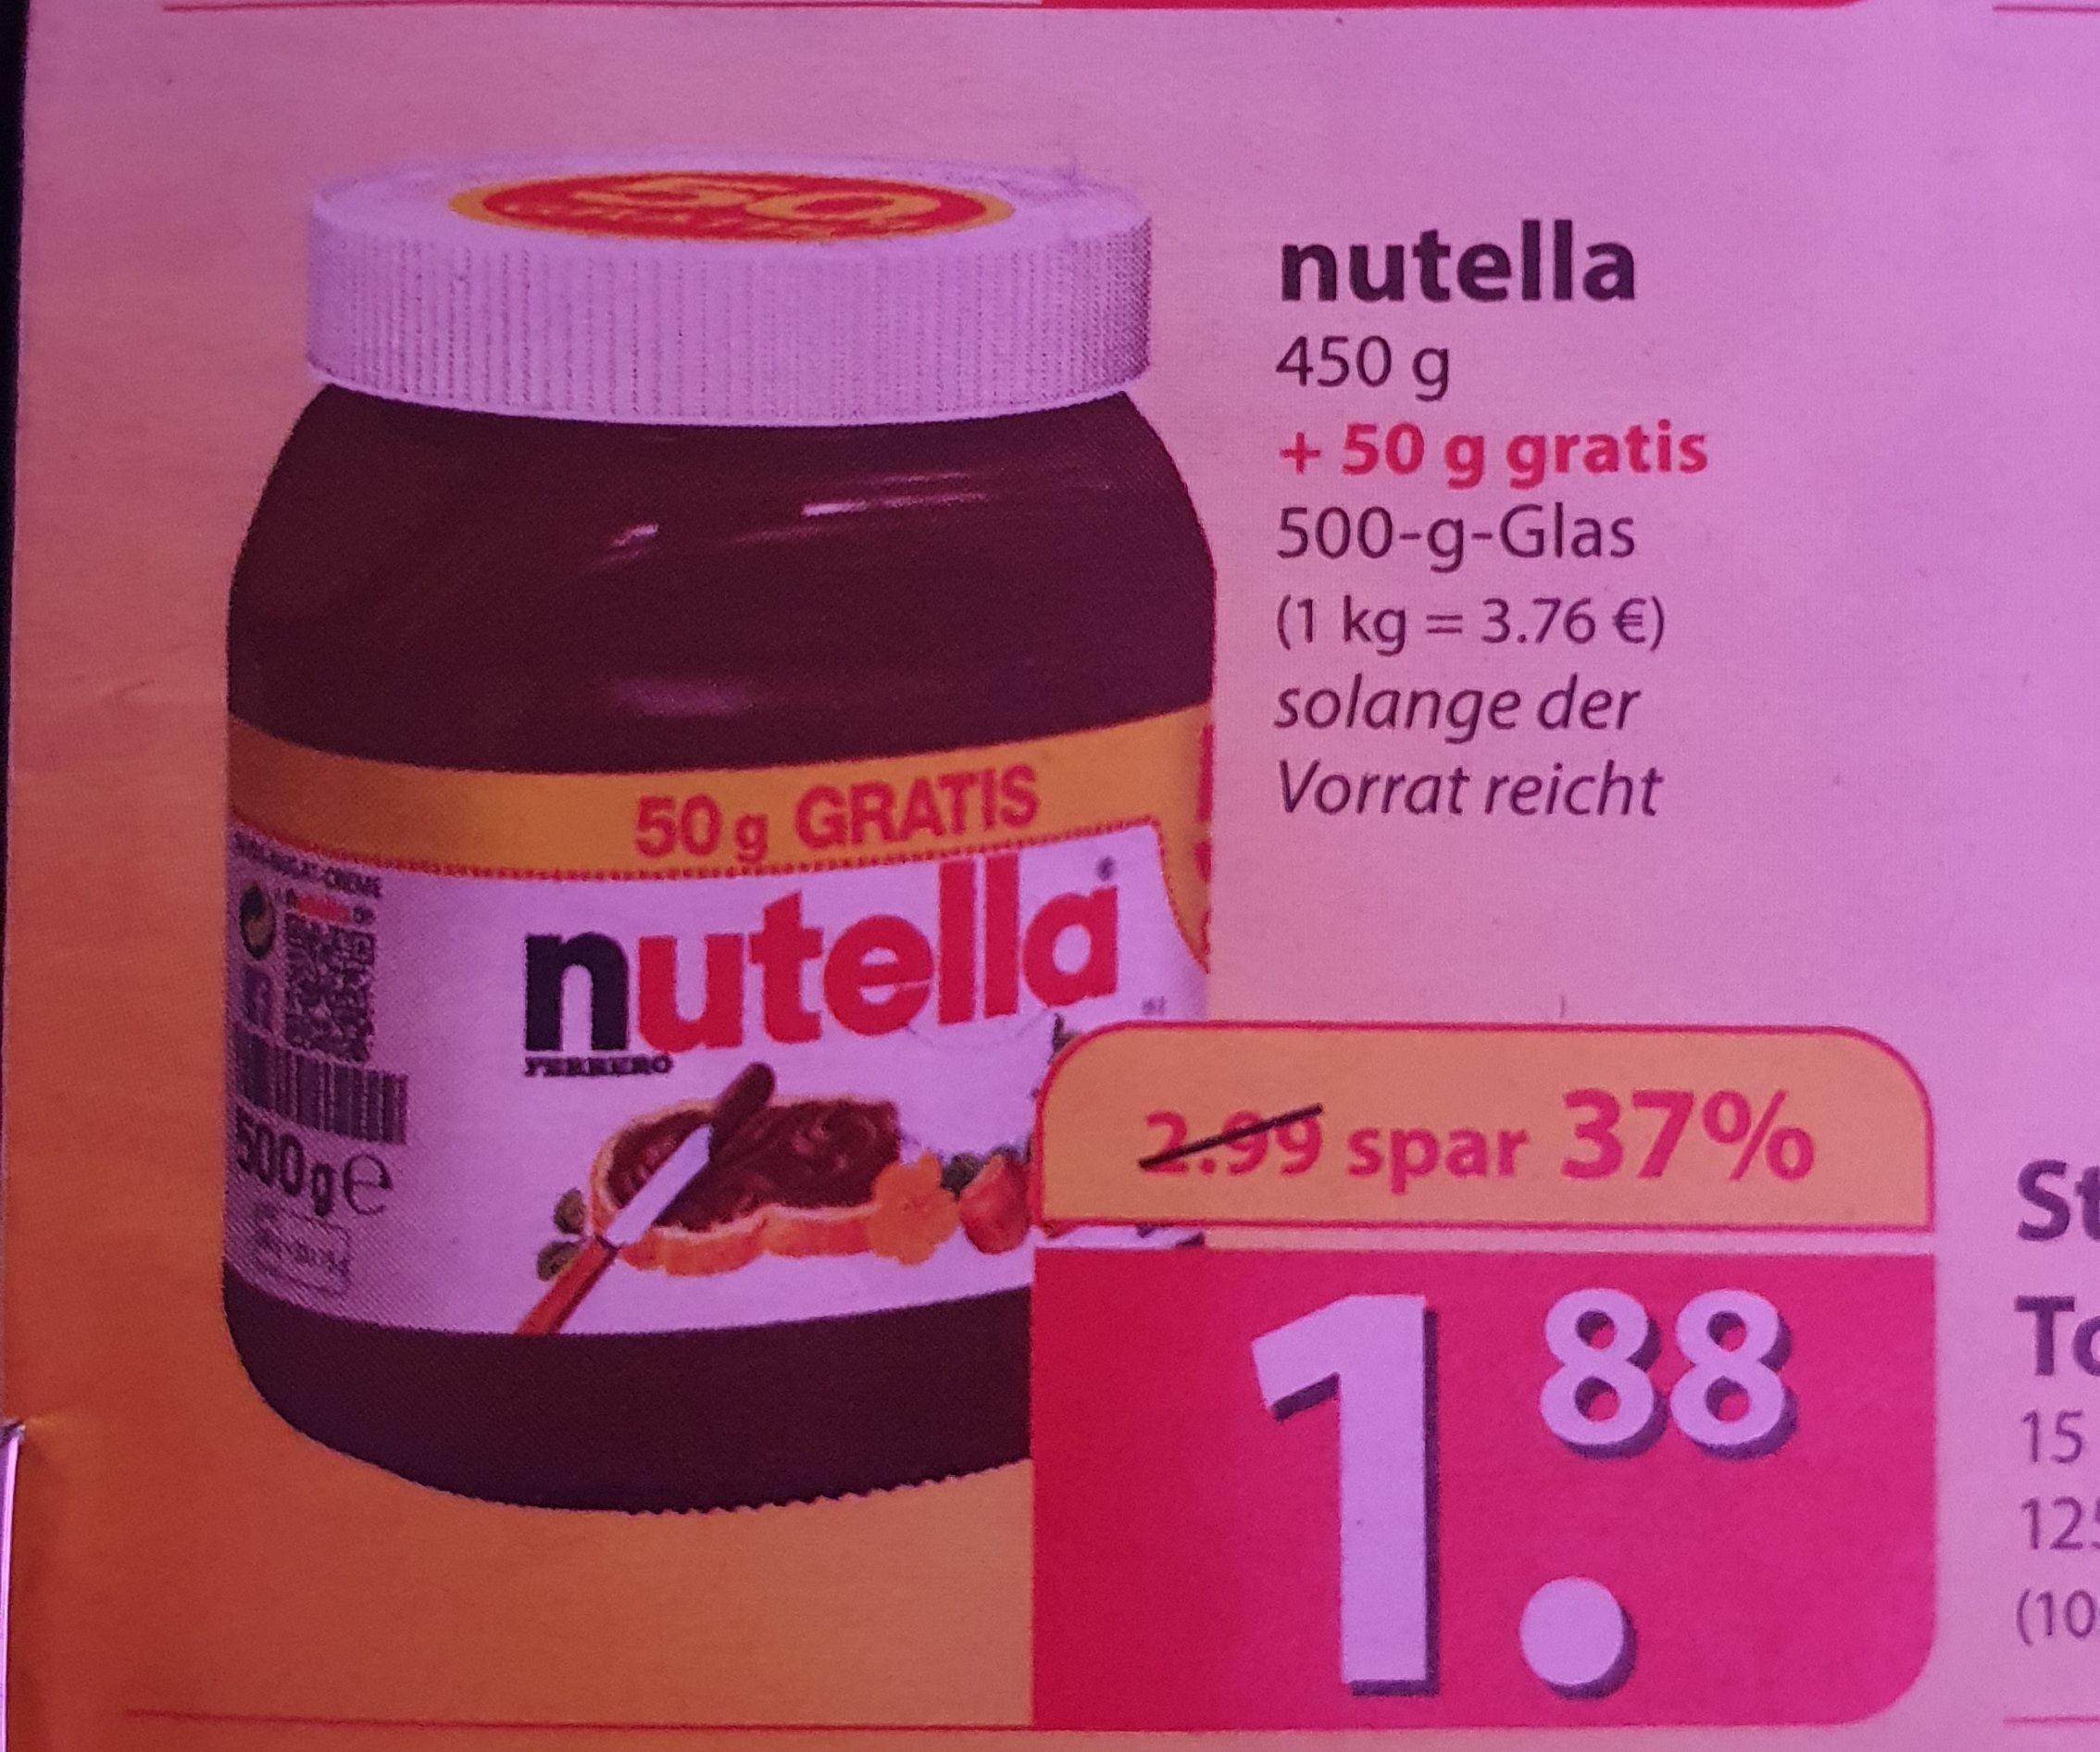 Famila ab 25.5. Nutella 500g für 1,88€